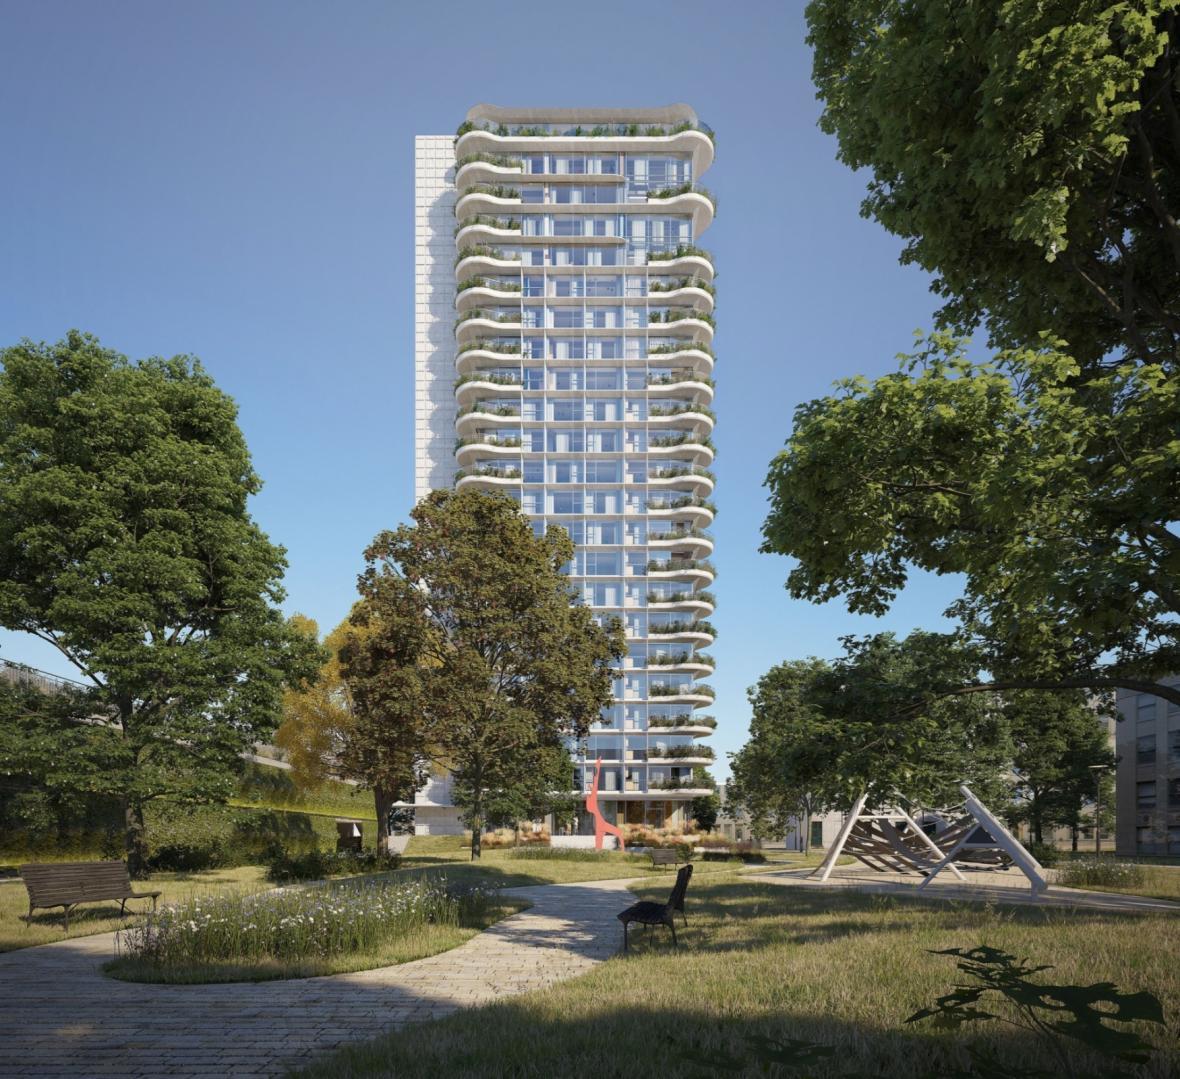 Budoucí a současná podoba výškového domu v Odstrčilově ulici v Ostravě